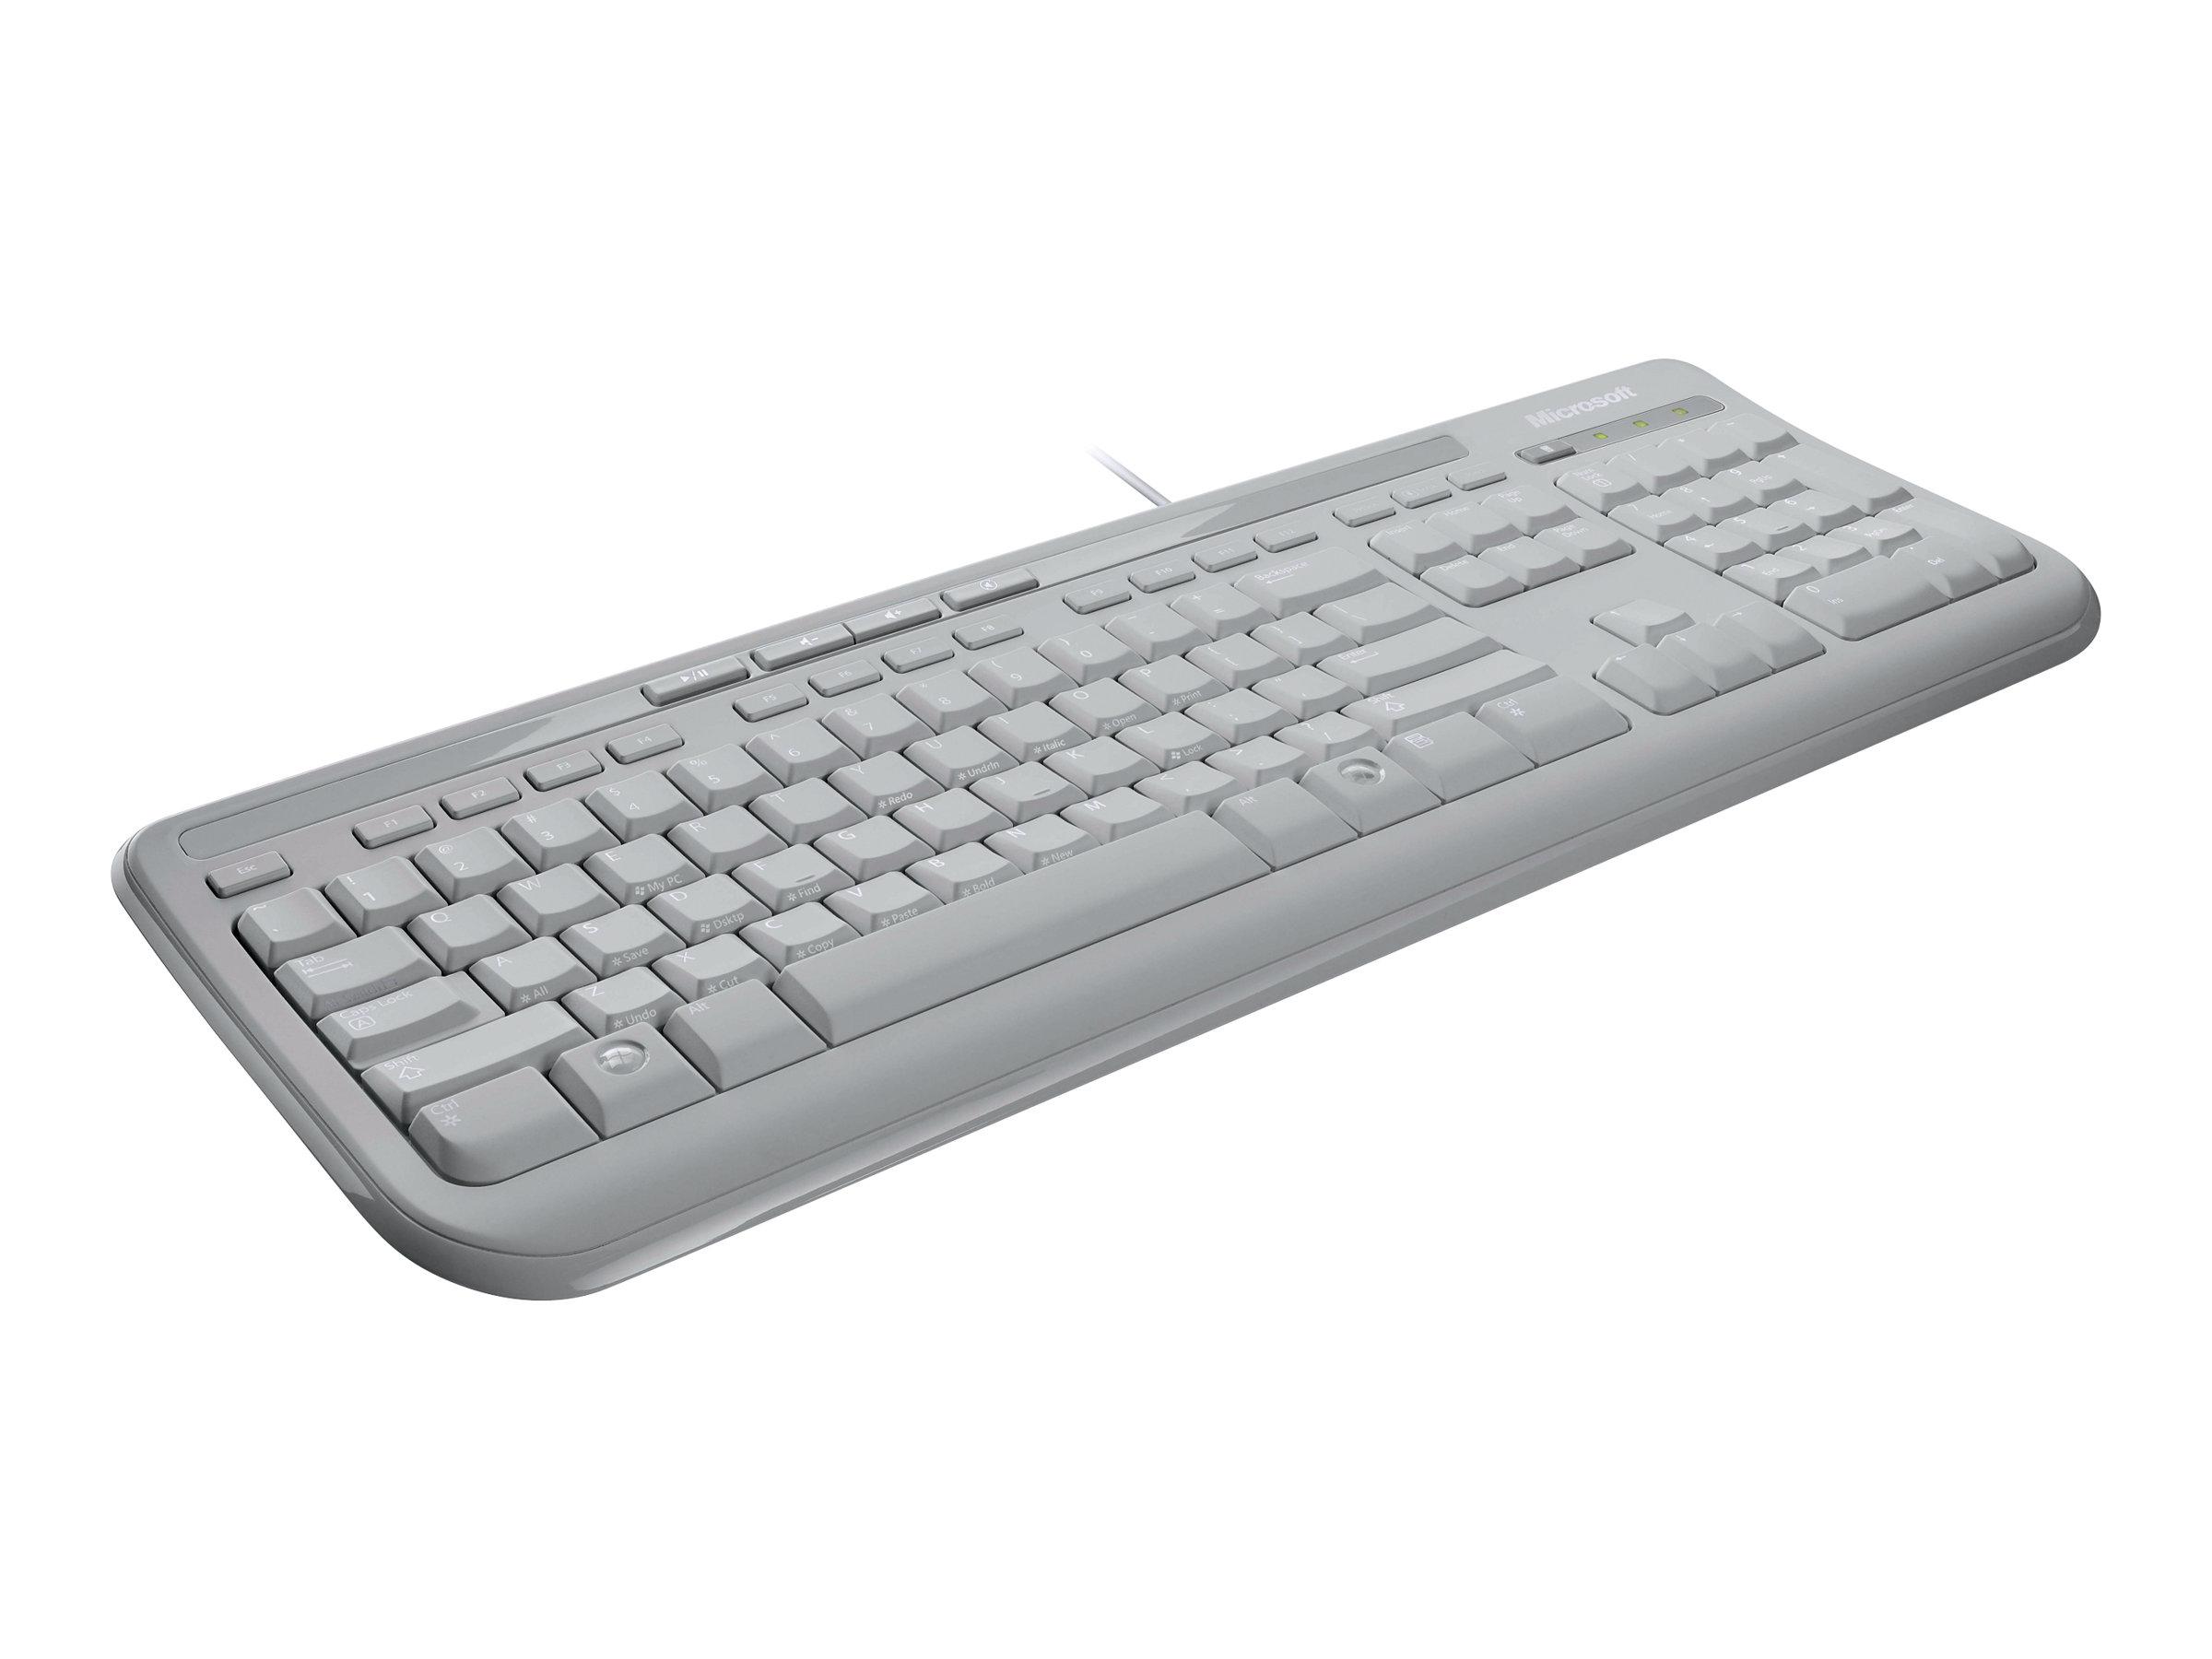 Wired keyboard 600 tastatur usb deutsch weiss 1106008 anb 00028